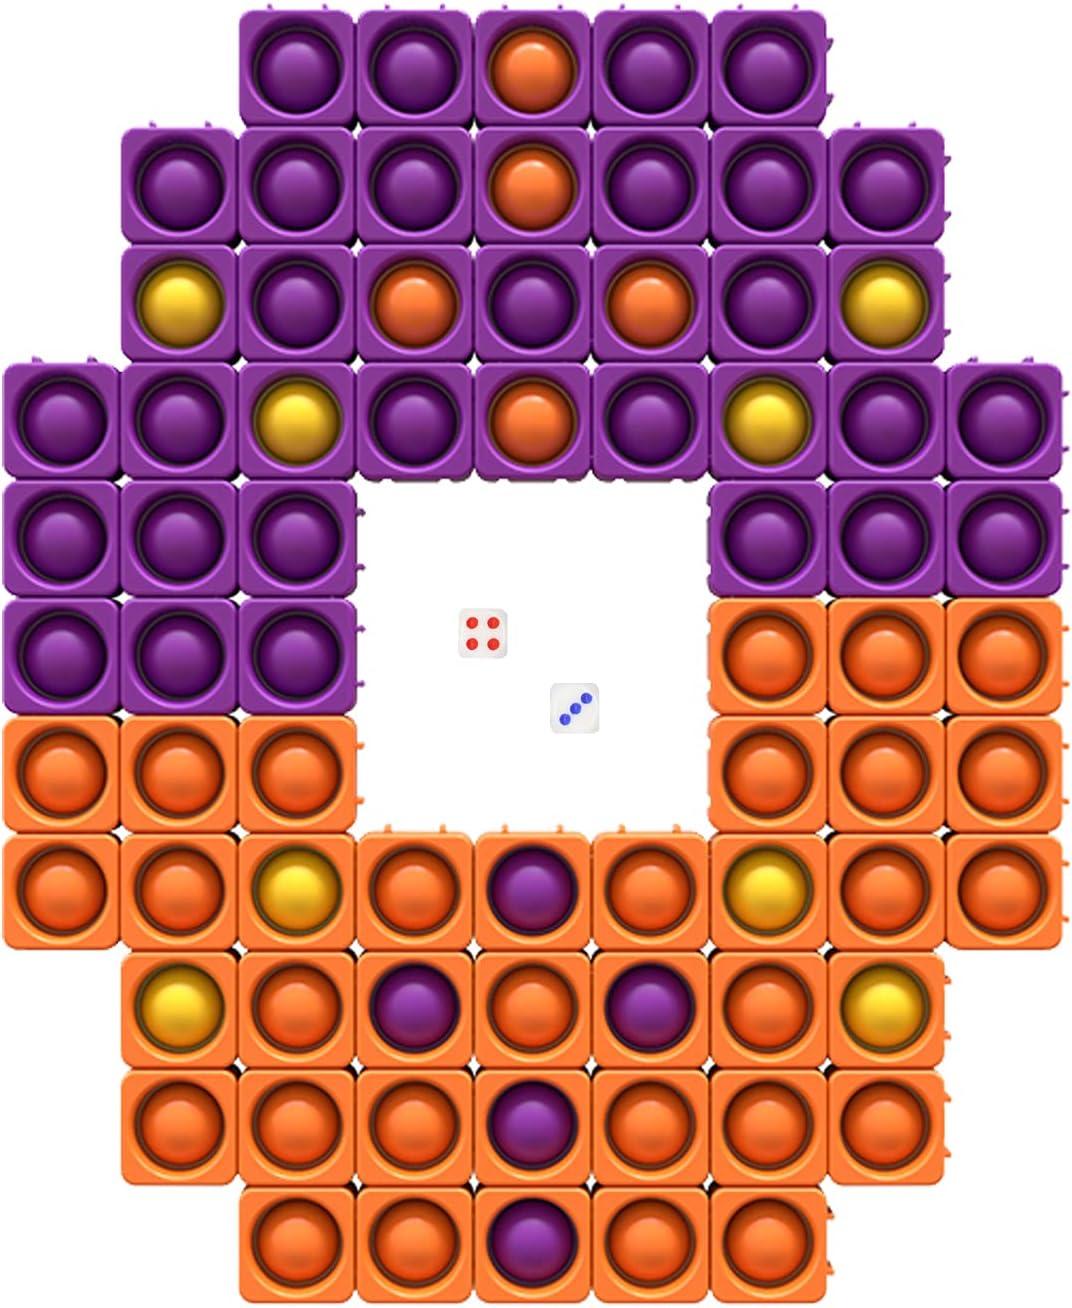 Pngy Big Fidget Blocks Pop Max 57% Max 86% OFF OFF P DIY Sensory Toys Bubble